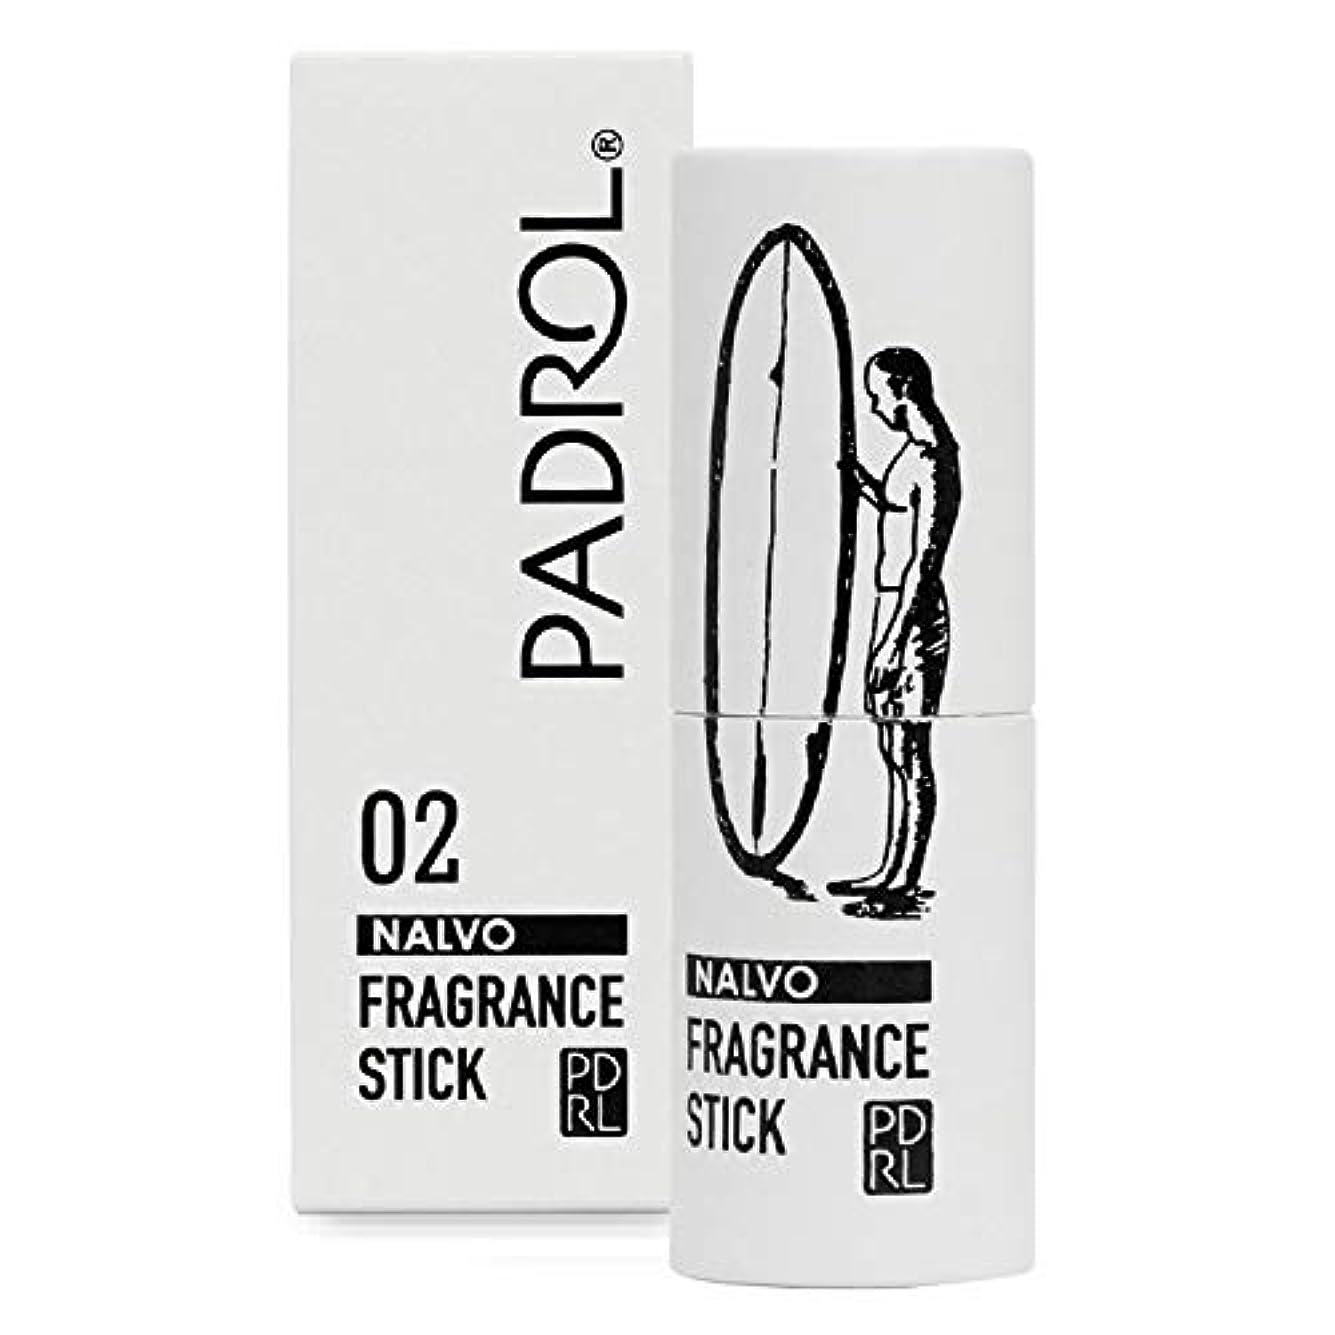 閉じる普通に囲まれたノルコーポレーション 練り香水 PADROL(パドロール) フレグランススティック レモンの香り PAD-3-02